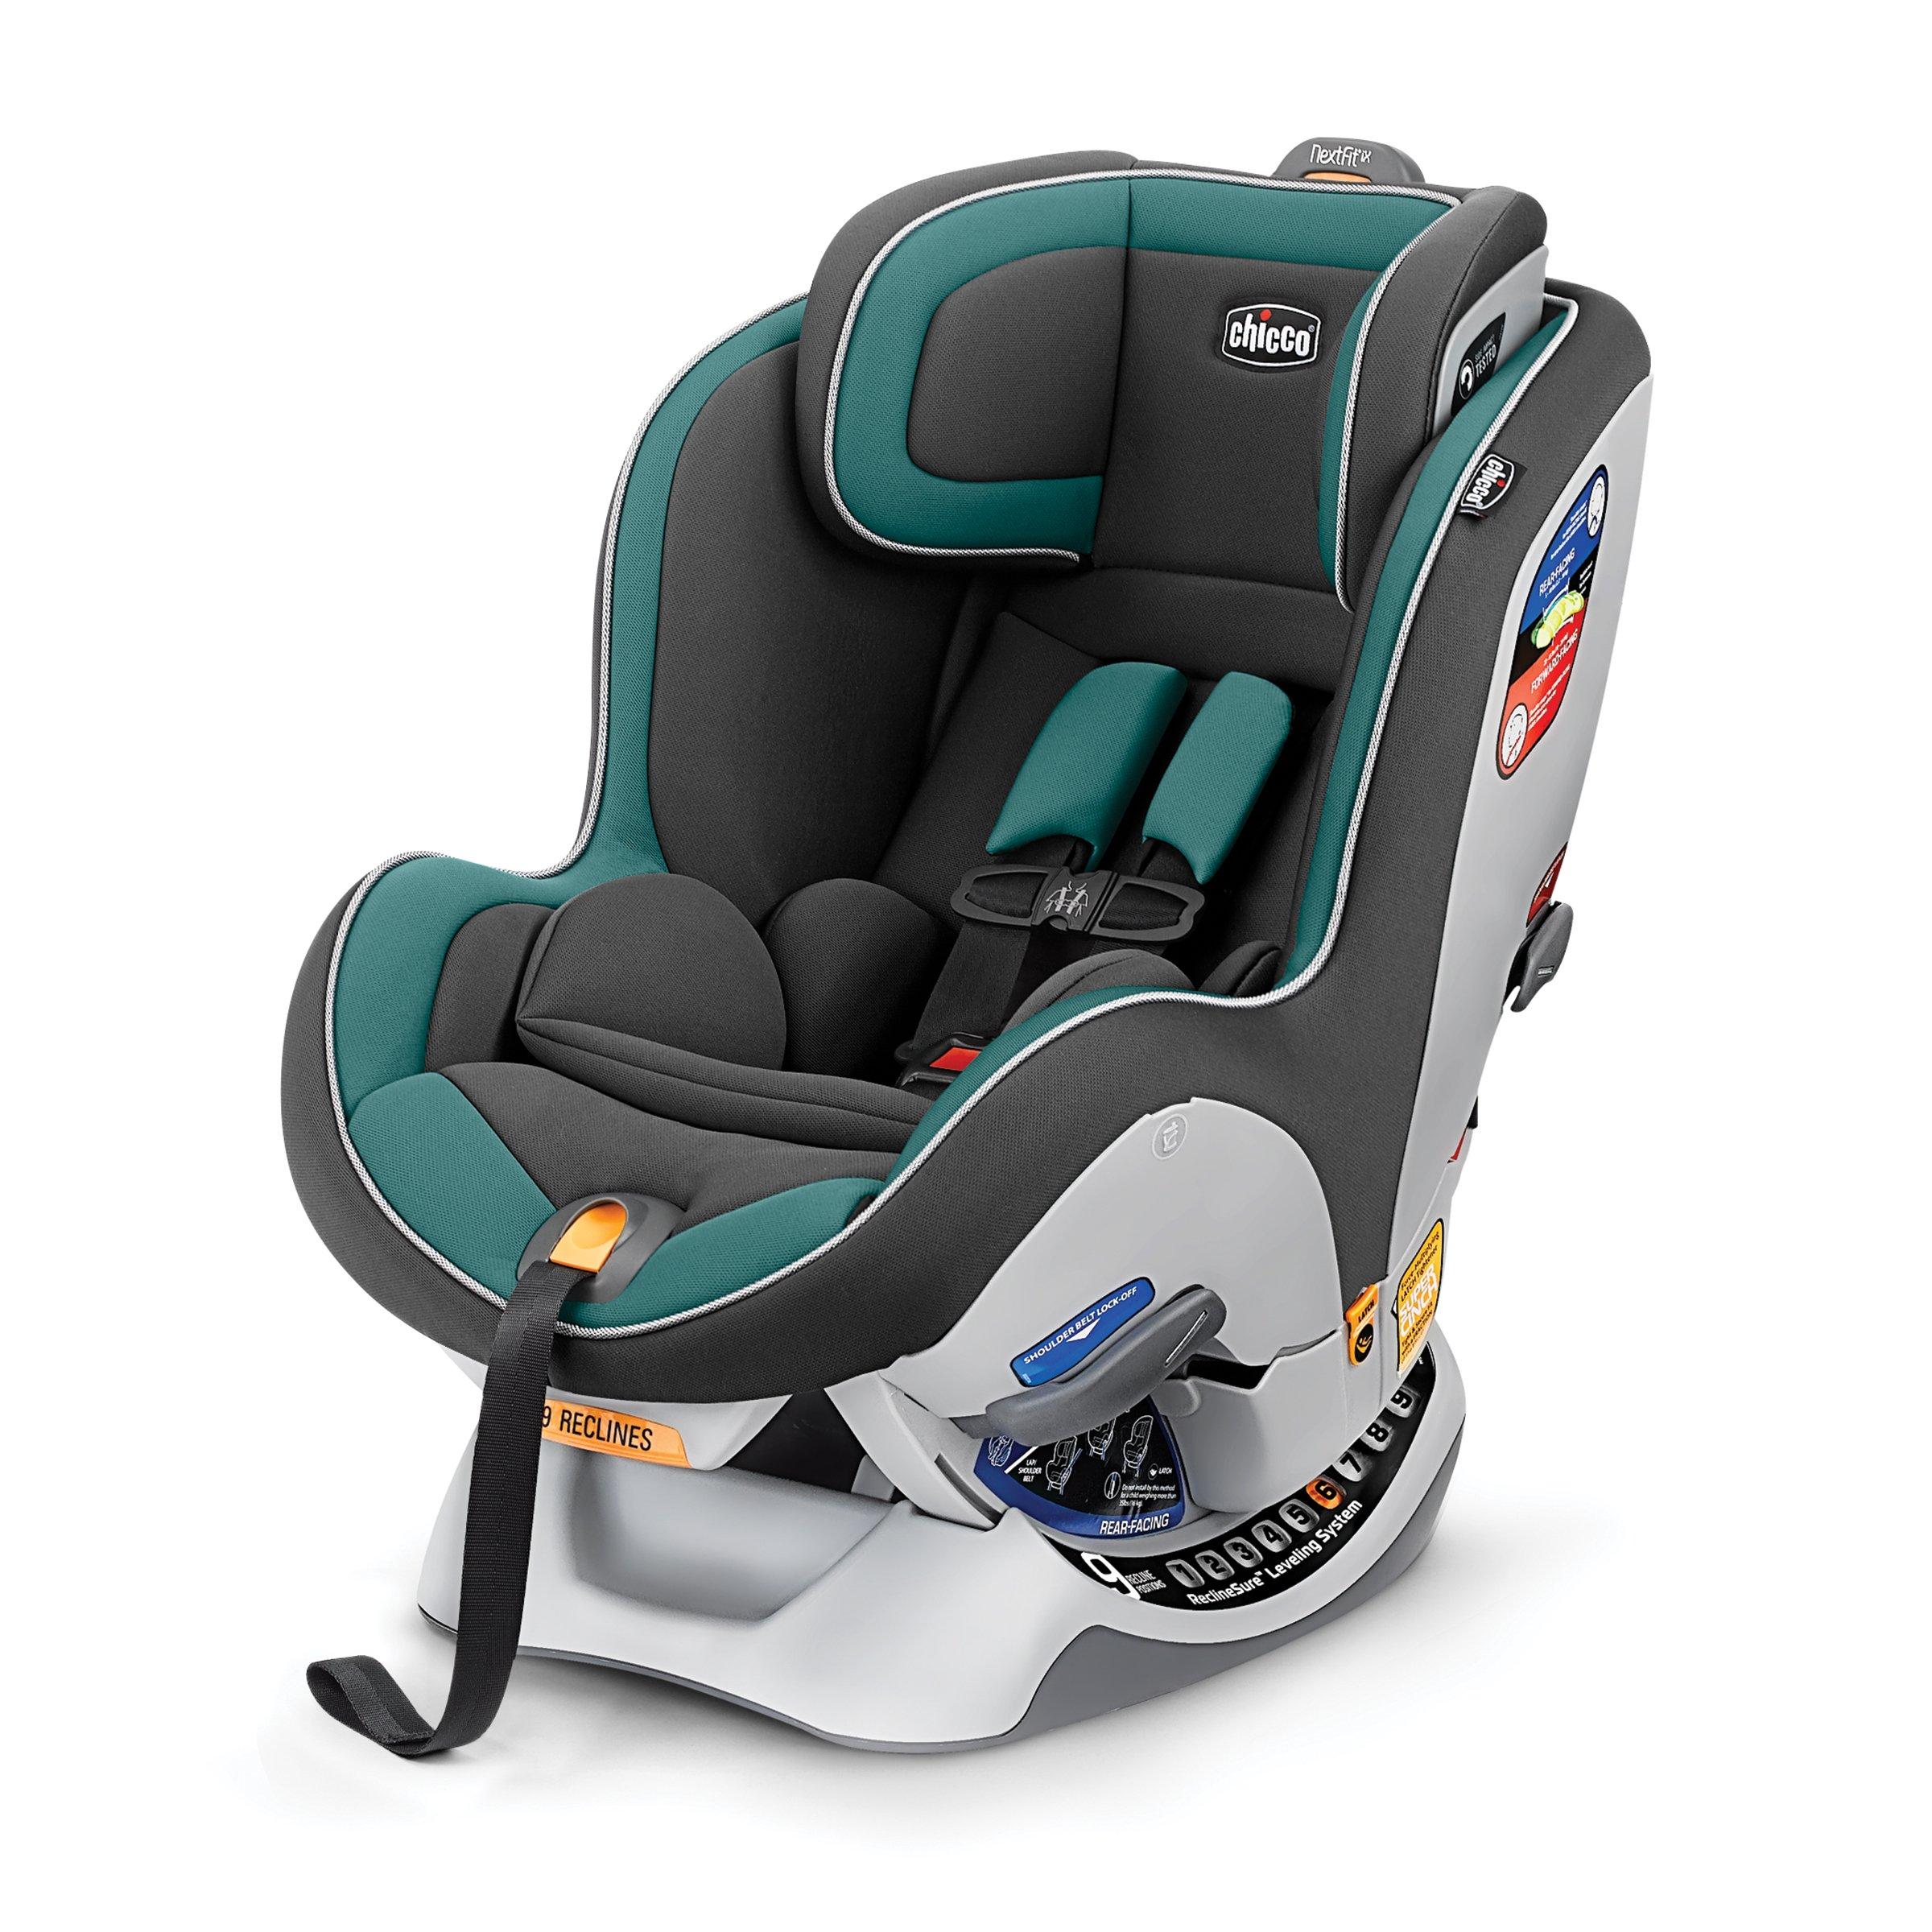 Chicco NextFit IX Convertible Car Seat Eucalyptus